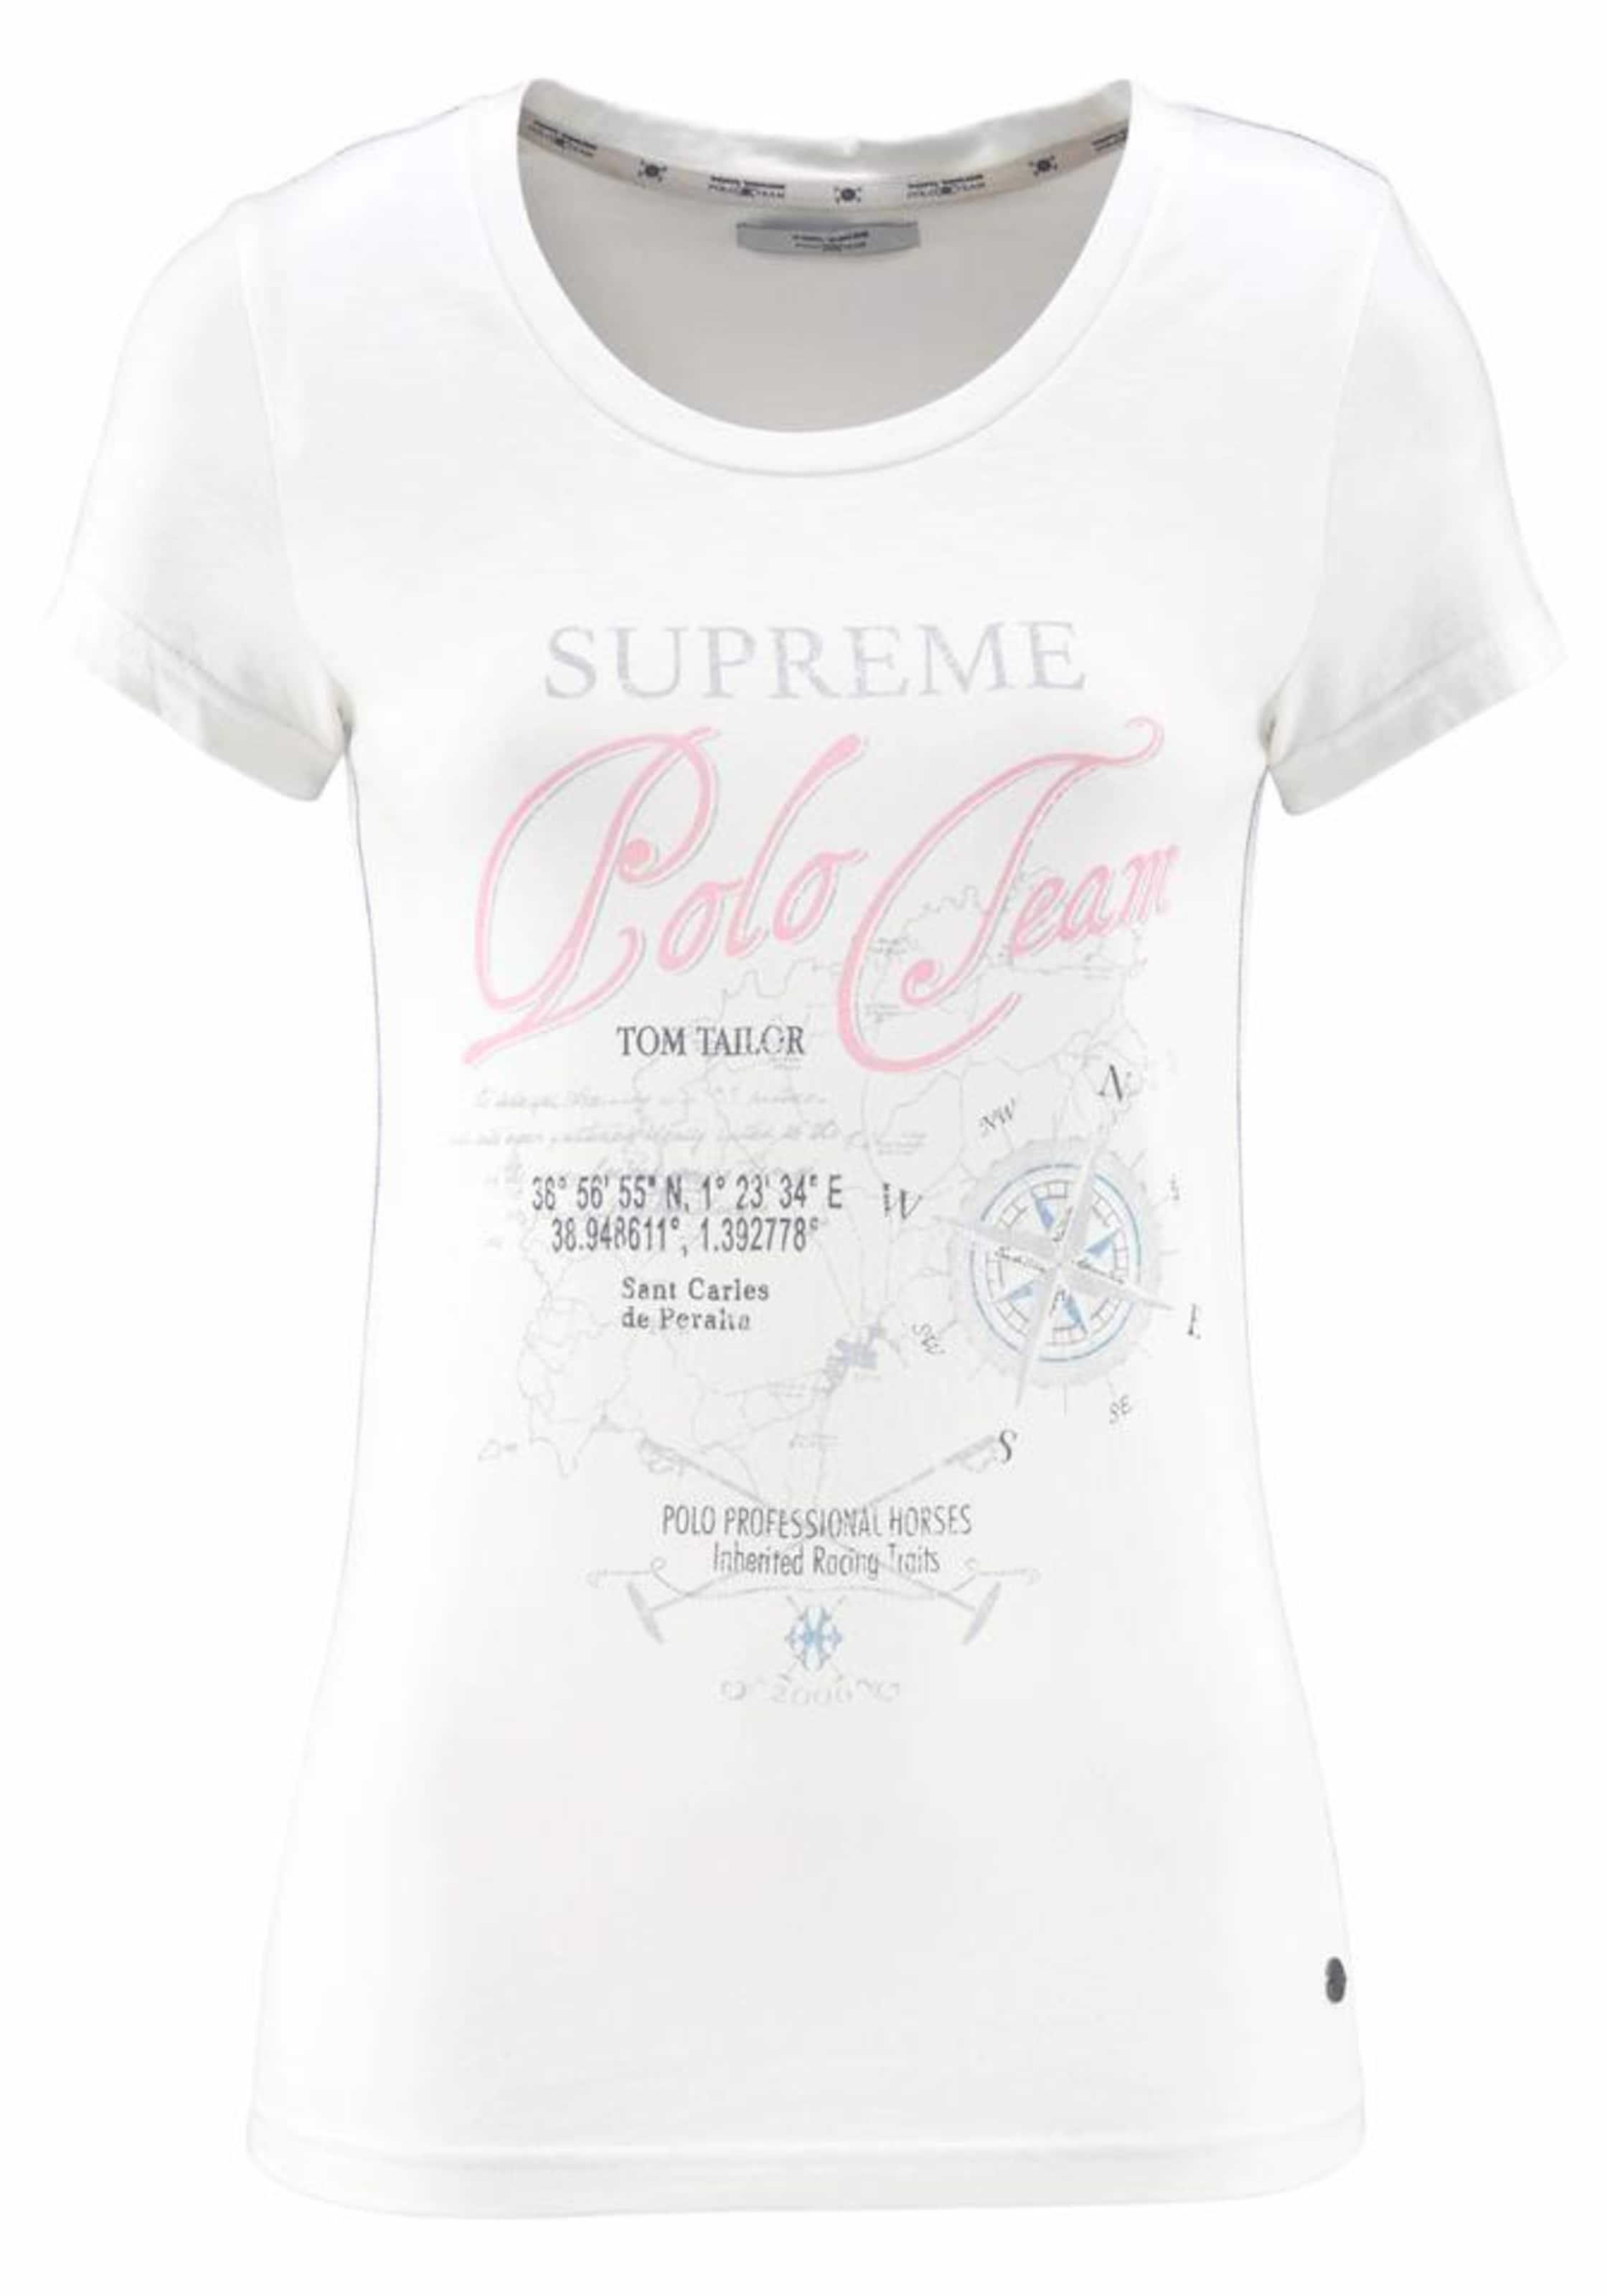 Verkauf Großhandelspreis Spielraum Perfekt Tom Tailor Polo Team T-Shirt Günstiger Preis Store Mit Kreditkarte Freiem Verschiffen OCOE5Gg